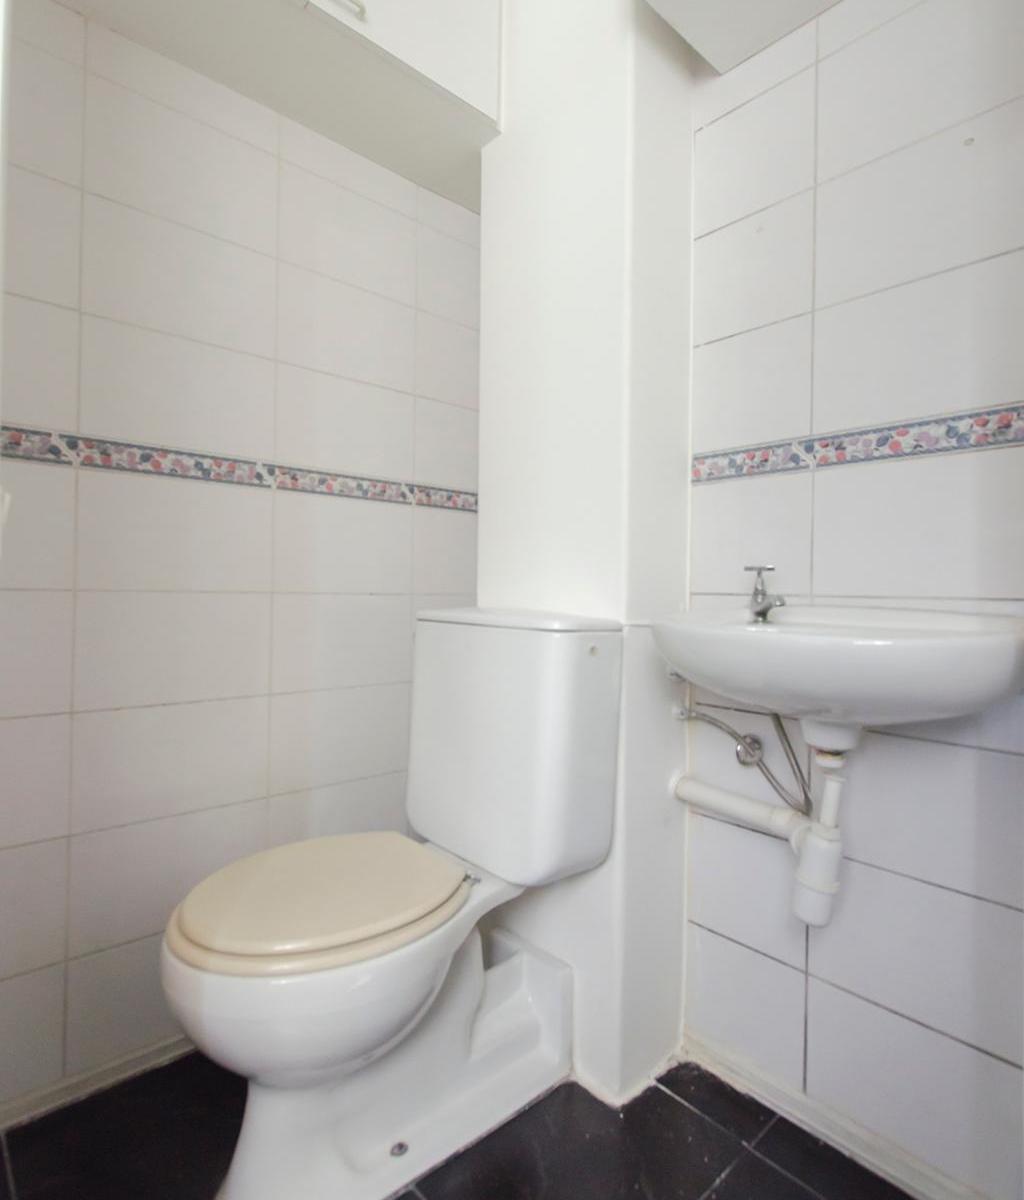 Banheiro de servico.jpg #6F695C 1024x1200 Aviso De Banheiro Entupido